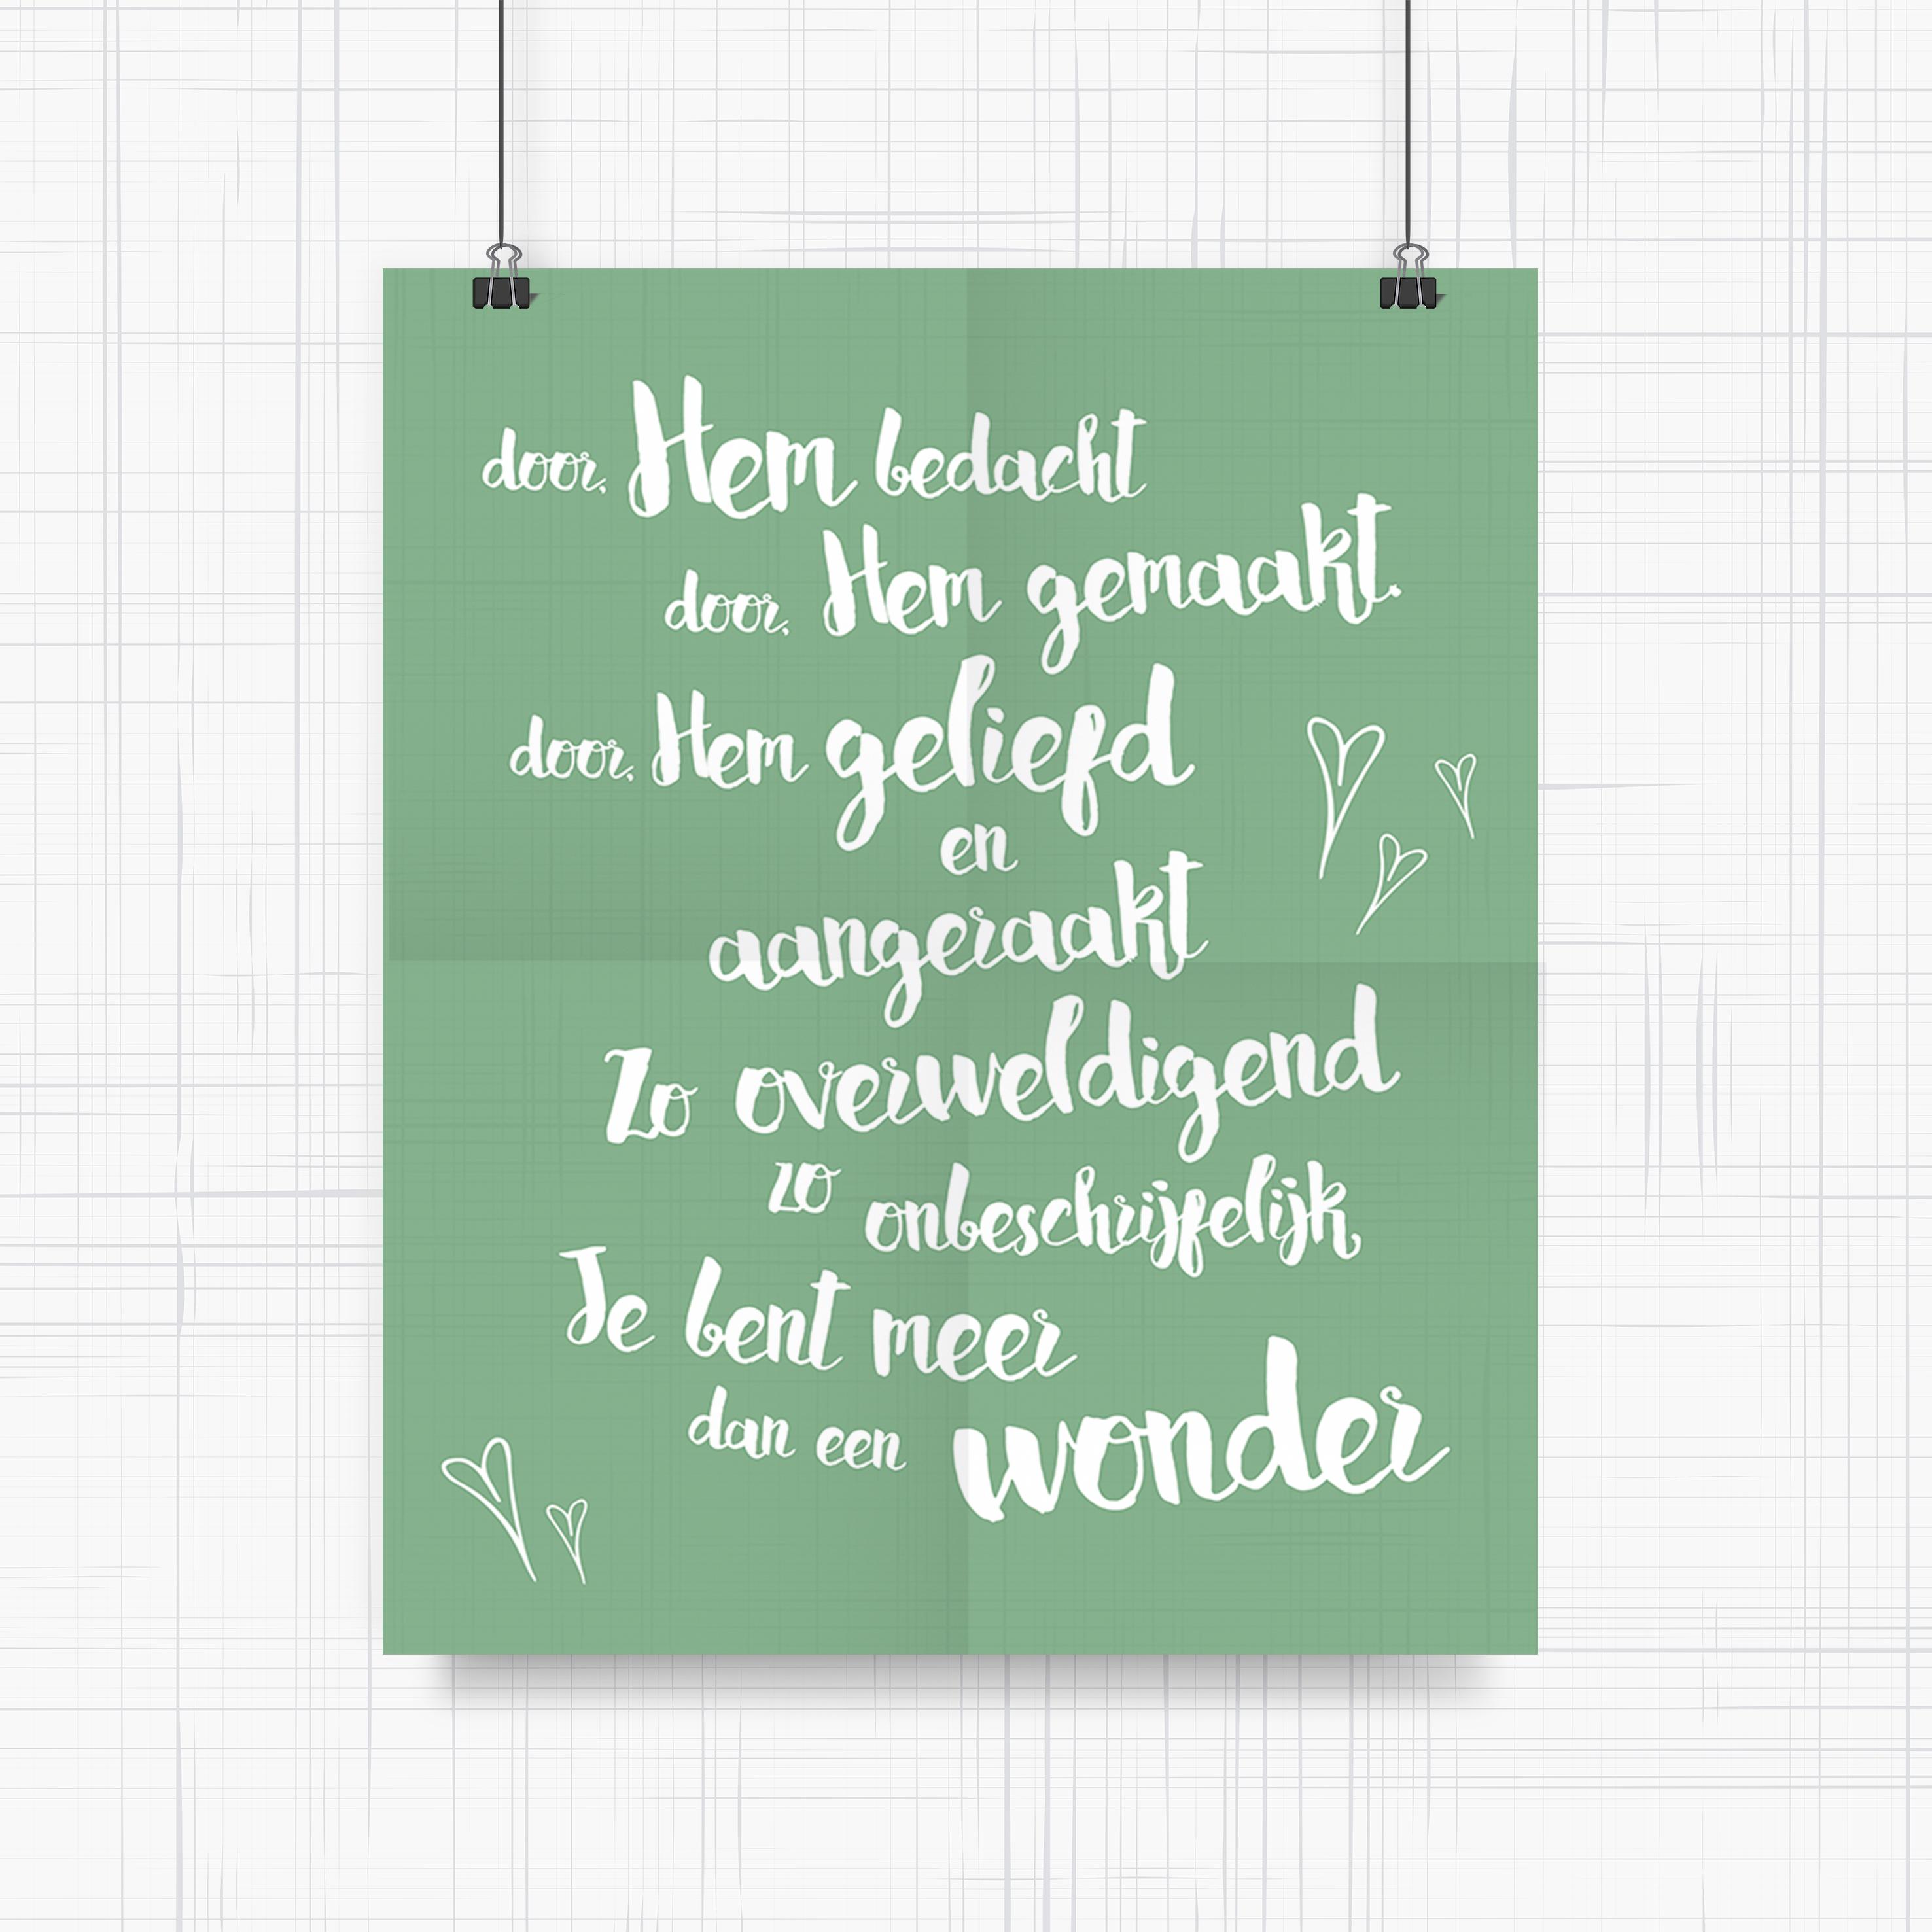 Laat van je geboortekaart een poster ontwerpen voor jullie babykamer. Ook leuk om te geven als kraamcadeau! title=TIP: